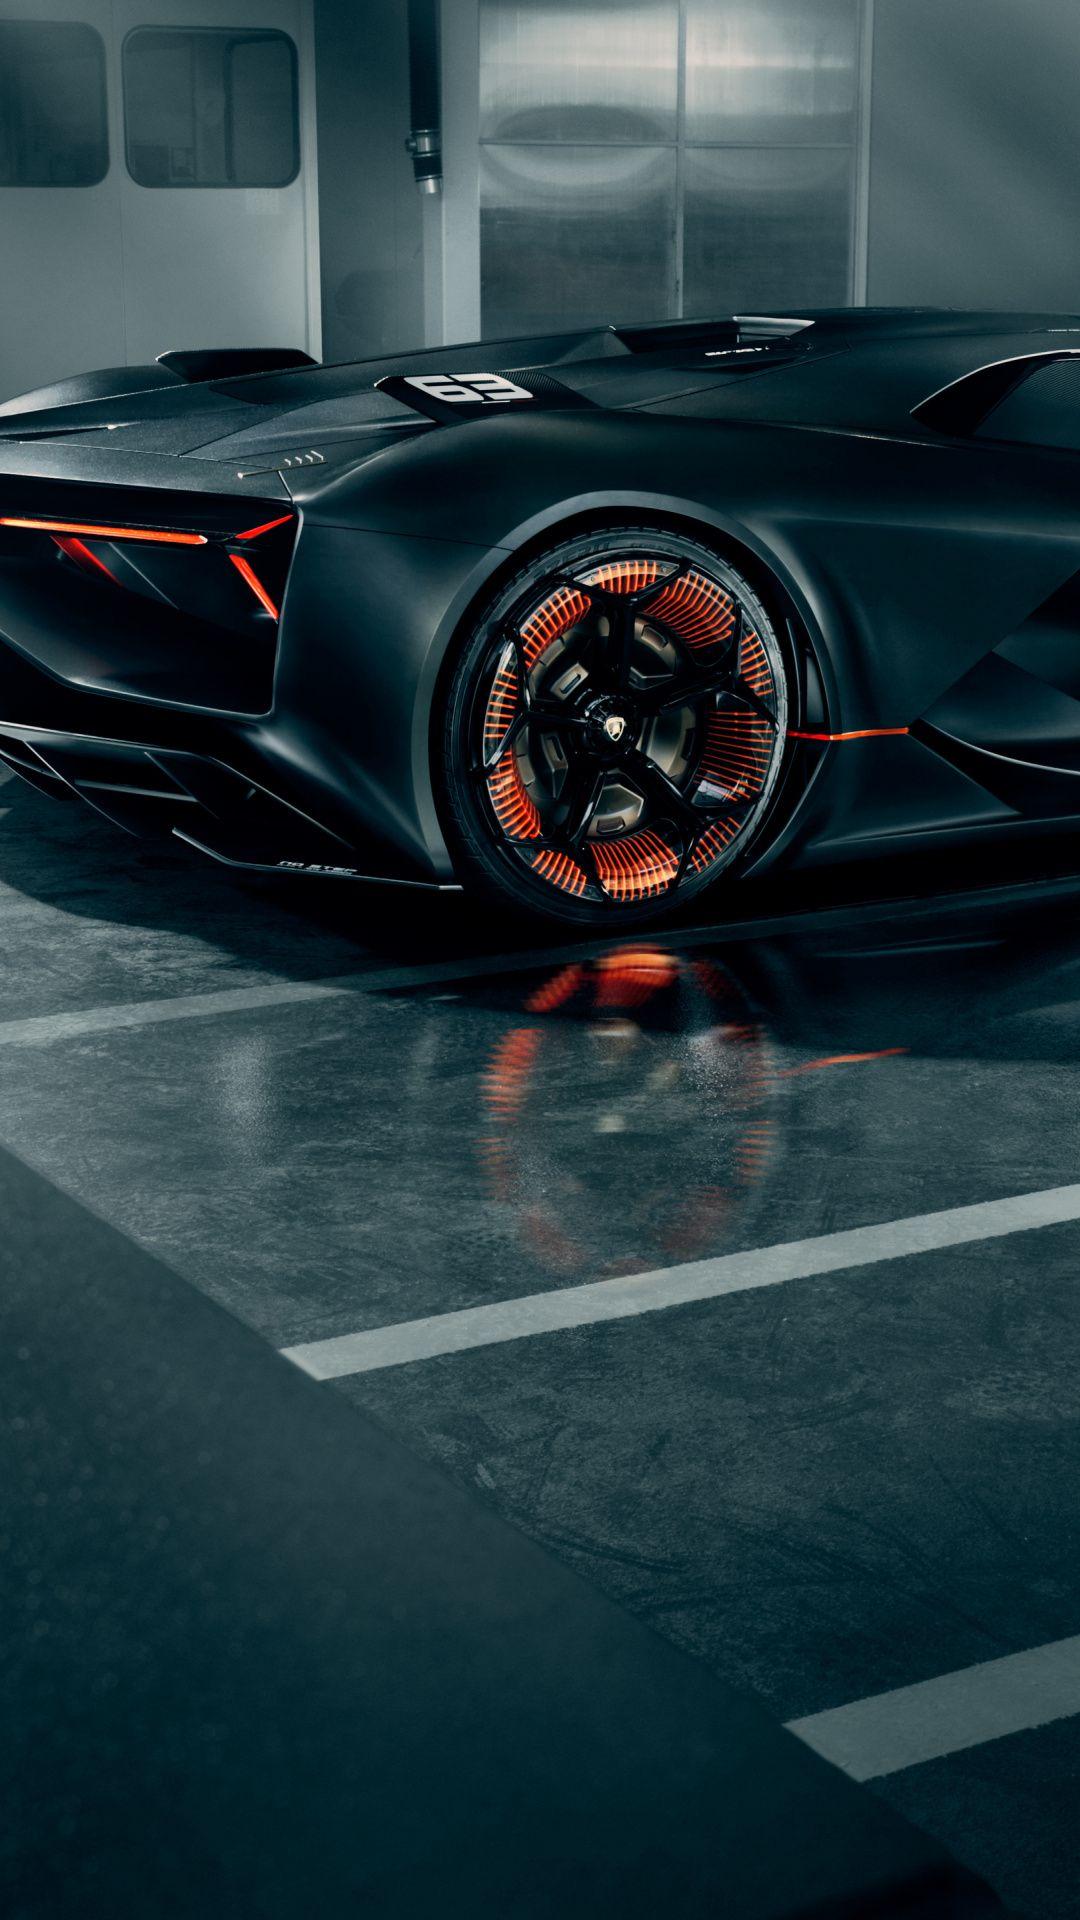 1080x1920 Sportcar Lamborghini Terzo Millennio Wallpaper Lamborghini Futuristic Cars Super Cars